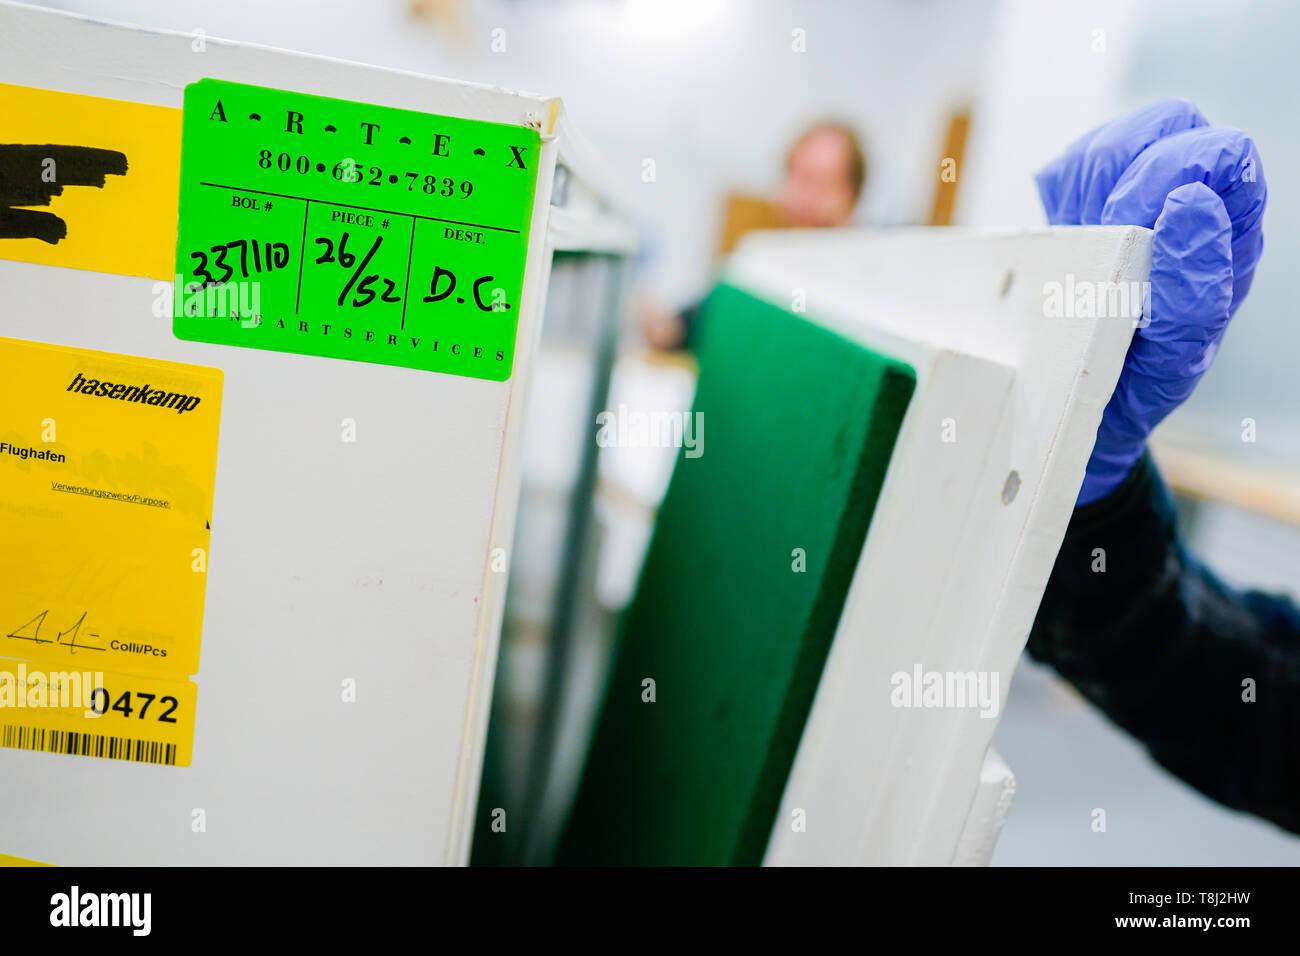 """Mannheim, Germania. 14 Maggio, 2019. Un dipendente si blocca una scatola di trasporto per le opere d'arte della Mannheimer Kunsthalle. Non solo il personale ad alta intensità di appalti di opere, ma anche i canoni di noleggio, l'aumento dei premi di assicurazione e le sempre più severe le modalità di trasporto sono causa di problemi per i musei. (A DPA-KORR: 'della difficoltà dei musei con prestiti"""" su 14.05.2019) Credito: Uwe Anspach/dpa/Alamy Live News Immagini Stock"""